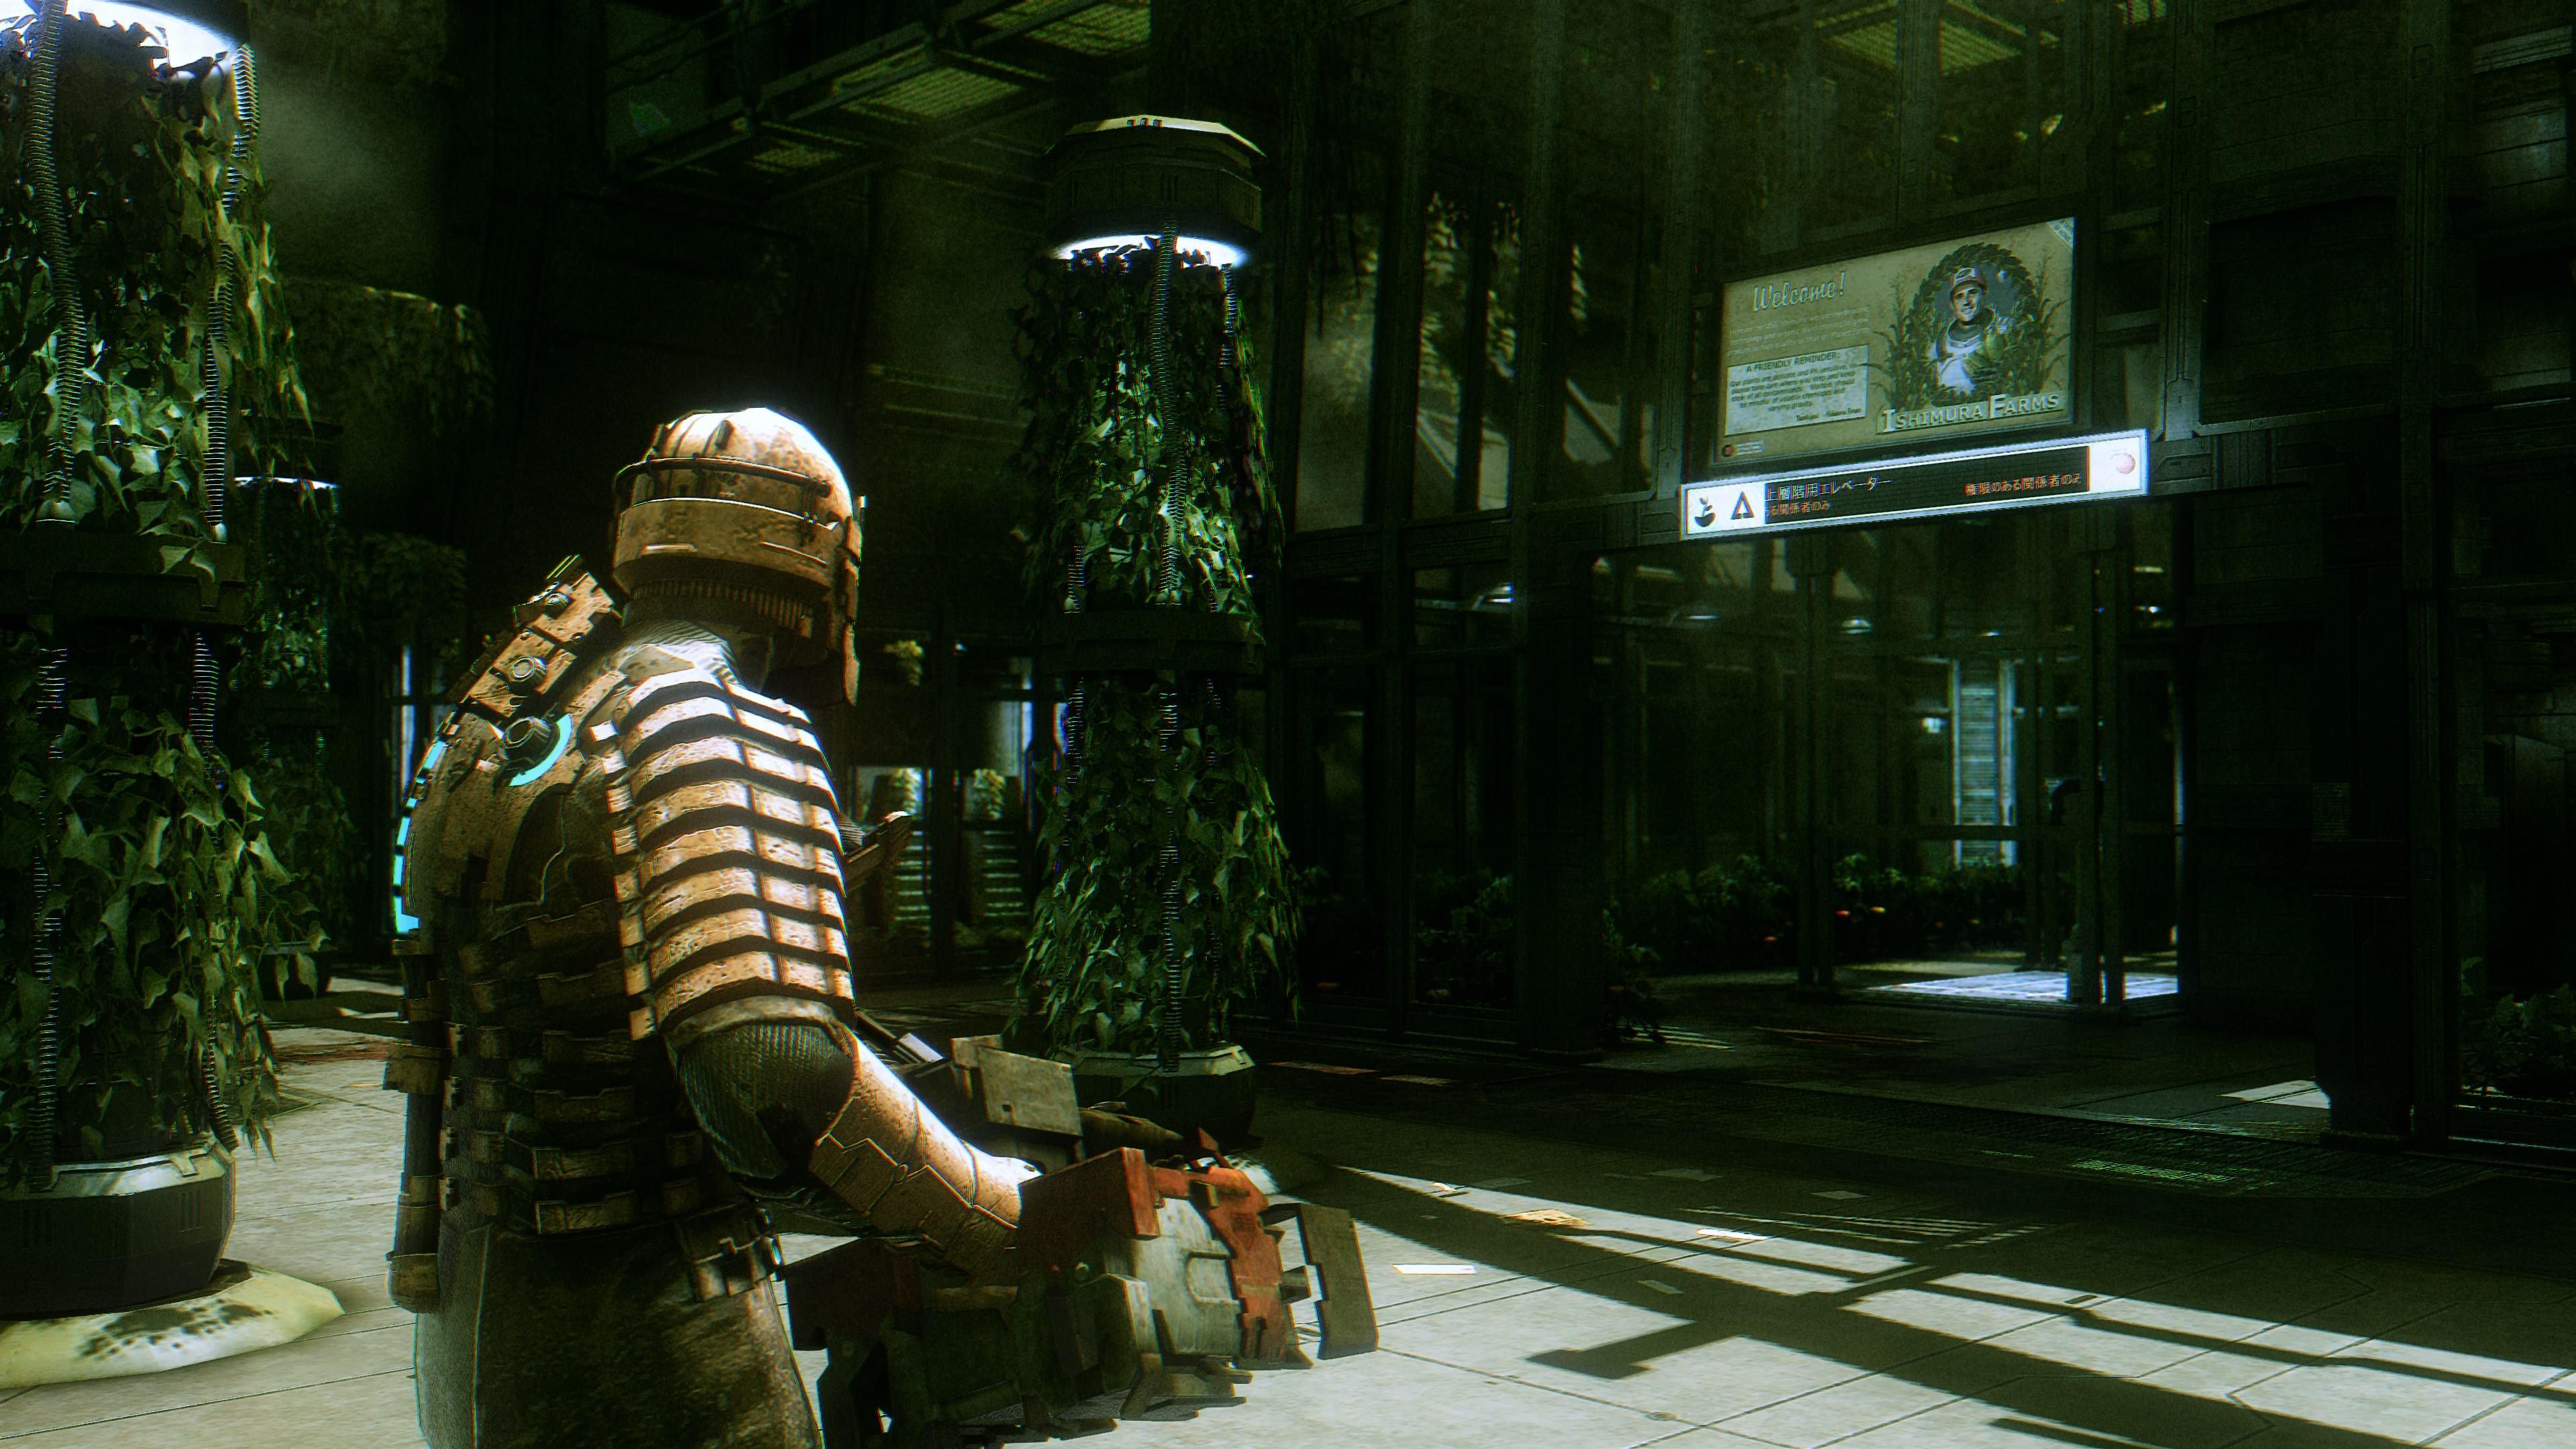 ZIEkMCXQ2NNvt - デッドスペースのスタジオ閉鎖EA「もうシングルプレイゲームは採算が取れない」